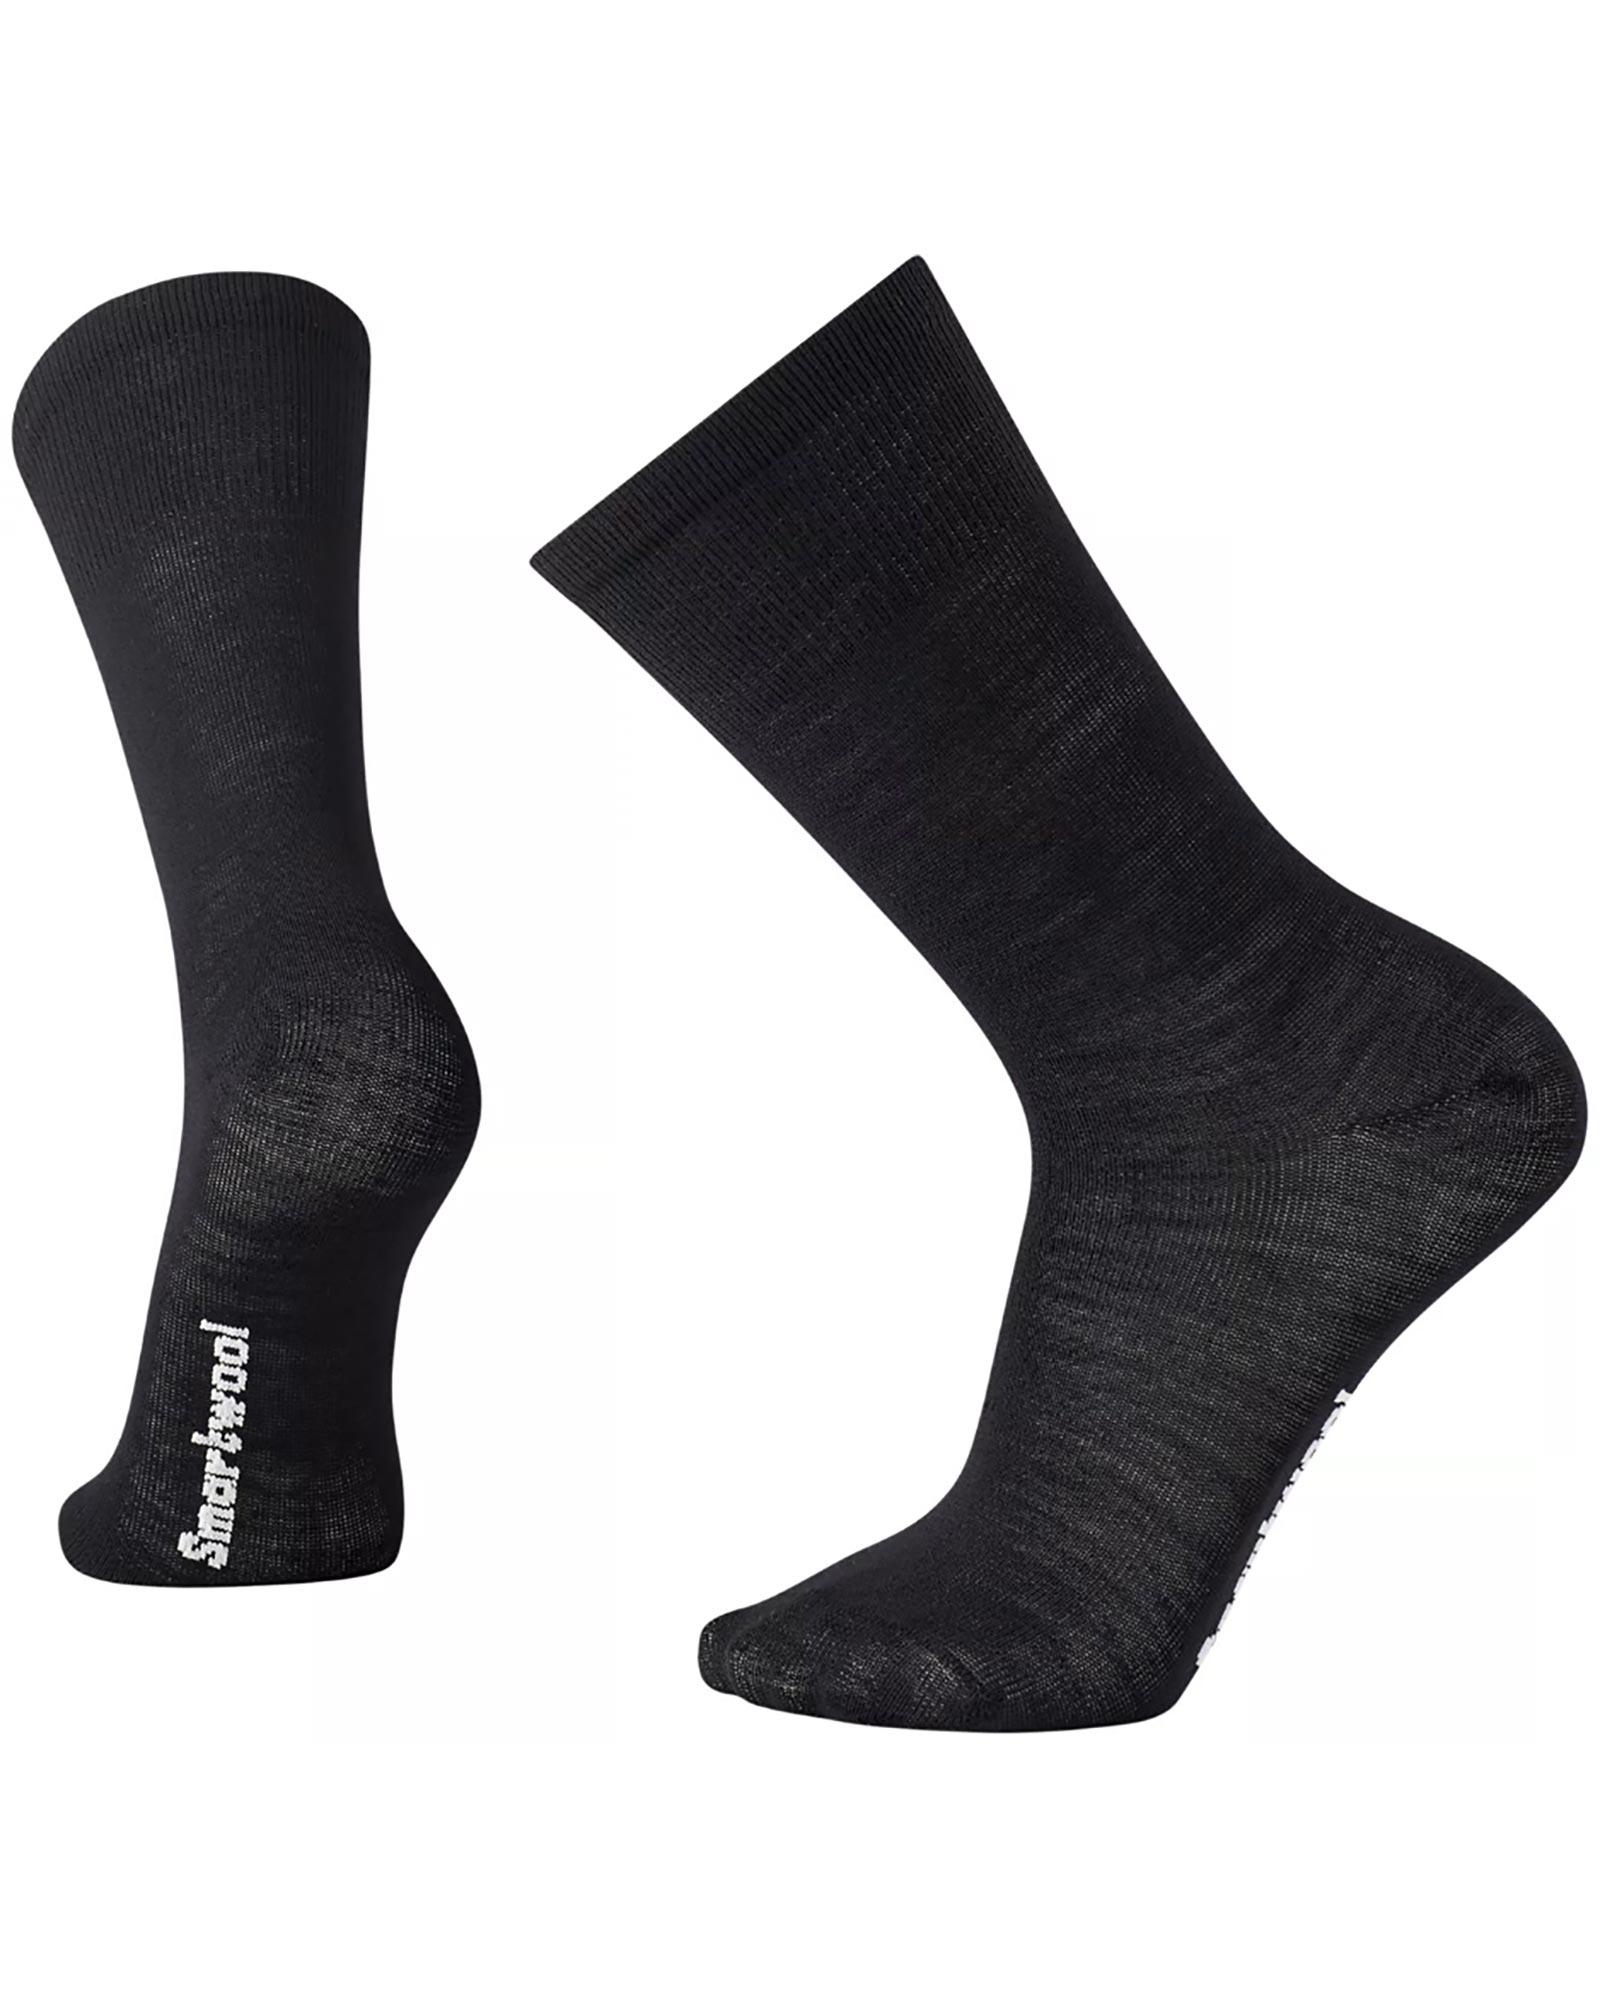 Smartwool Merino Liner Socks 0